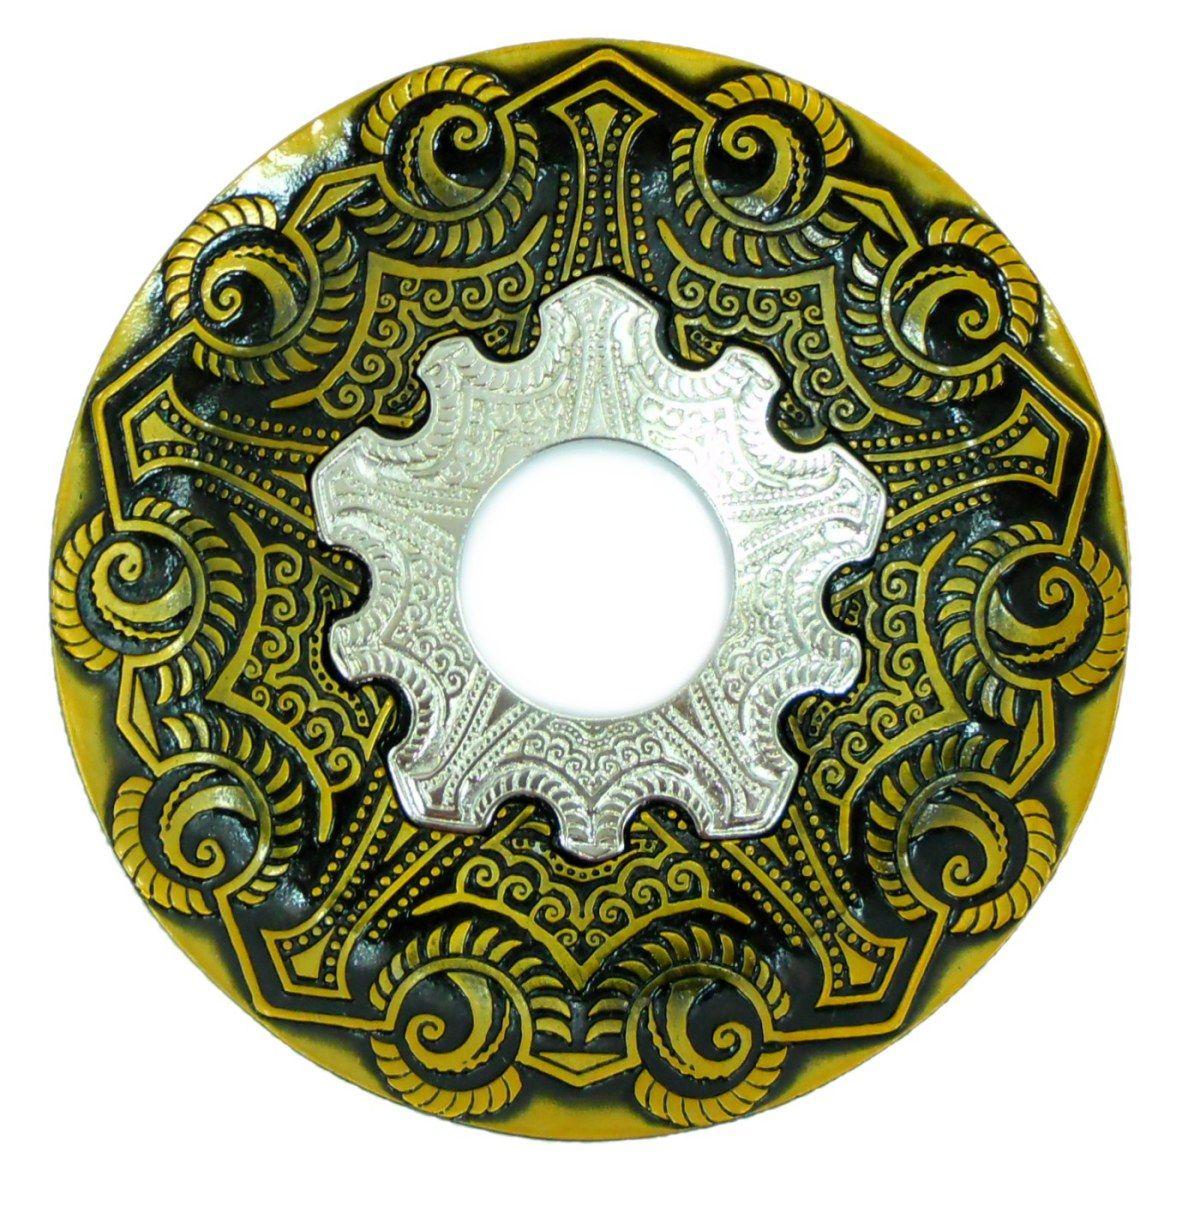 Prato para narguile modelo Vennus 17cm de diâmetro. Liga metálica inox e decorado. OURO VELHO. Centro Prata